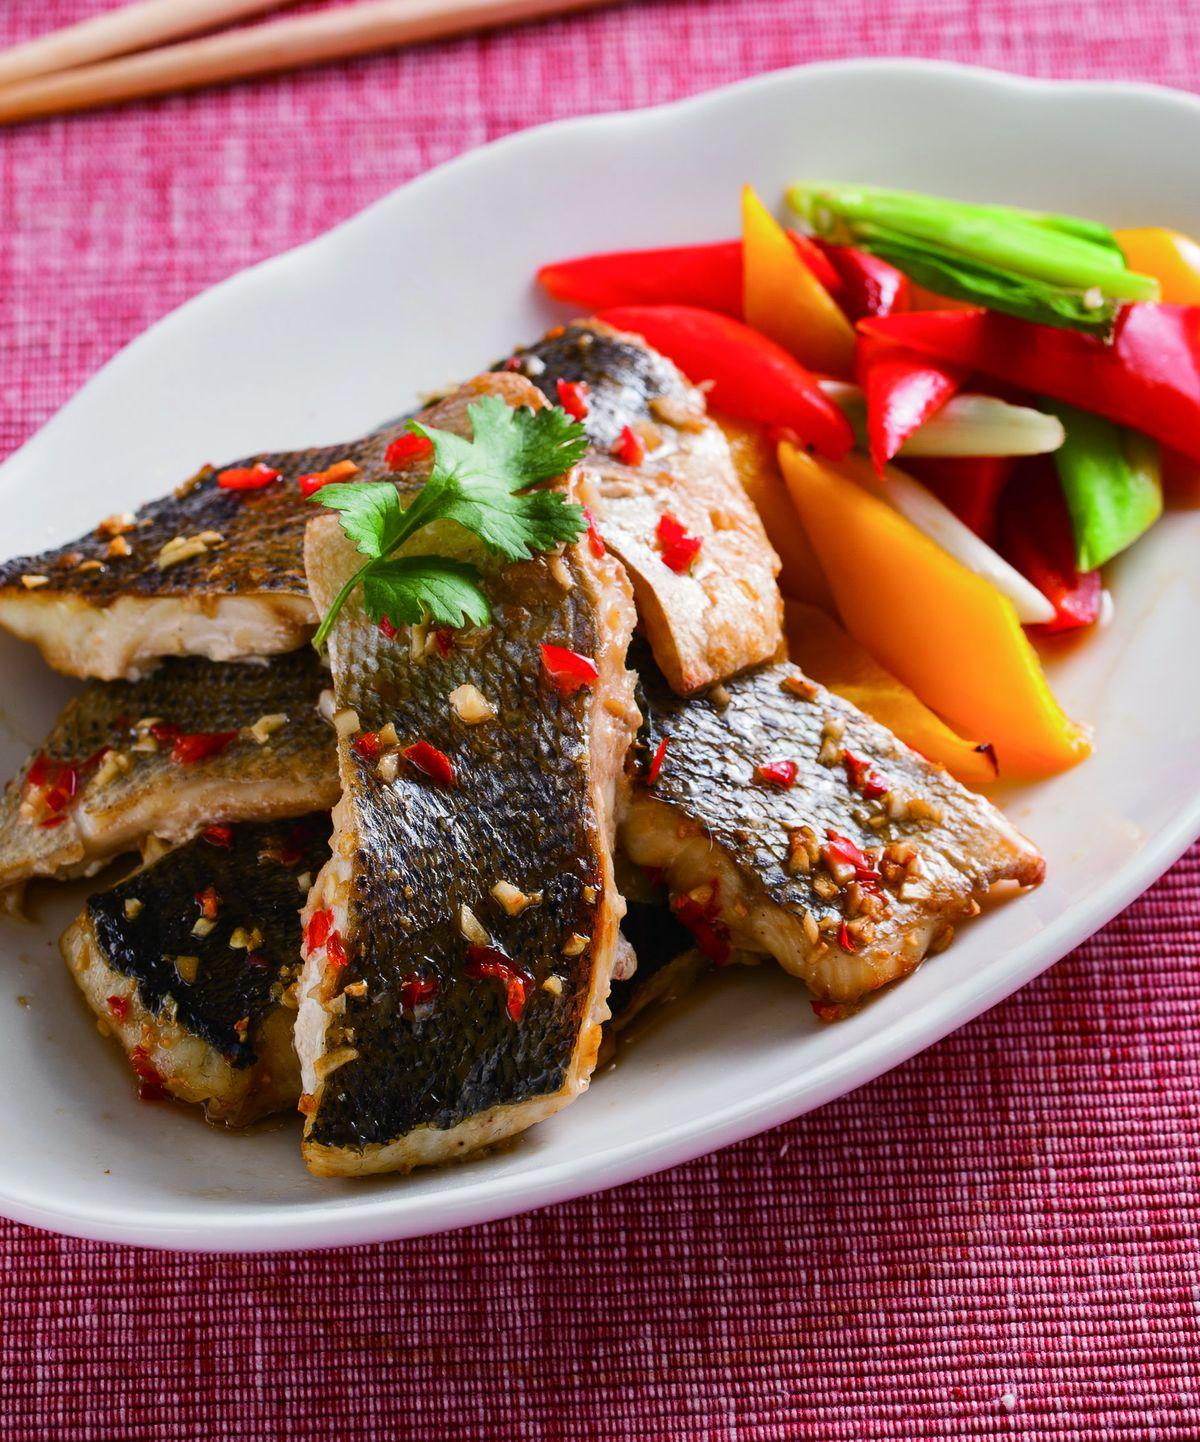 食譜:蒜味烤魚